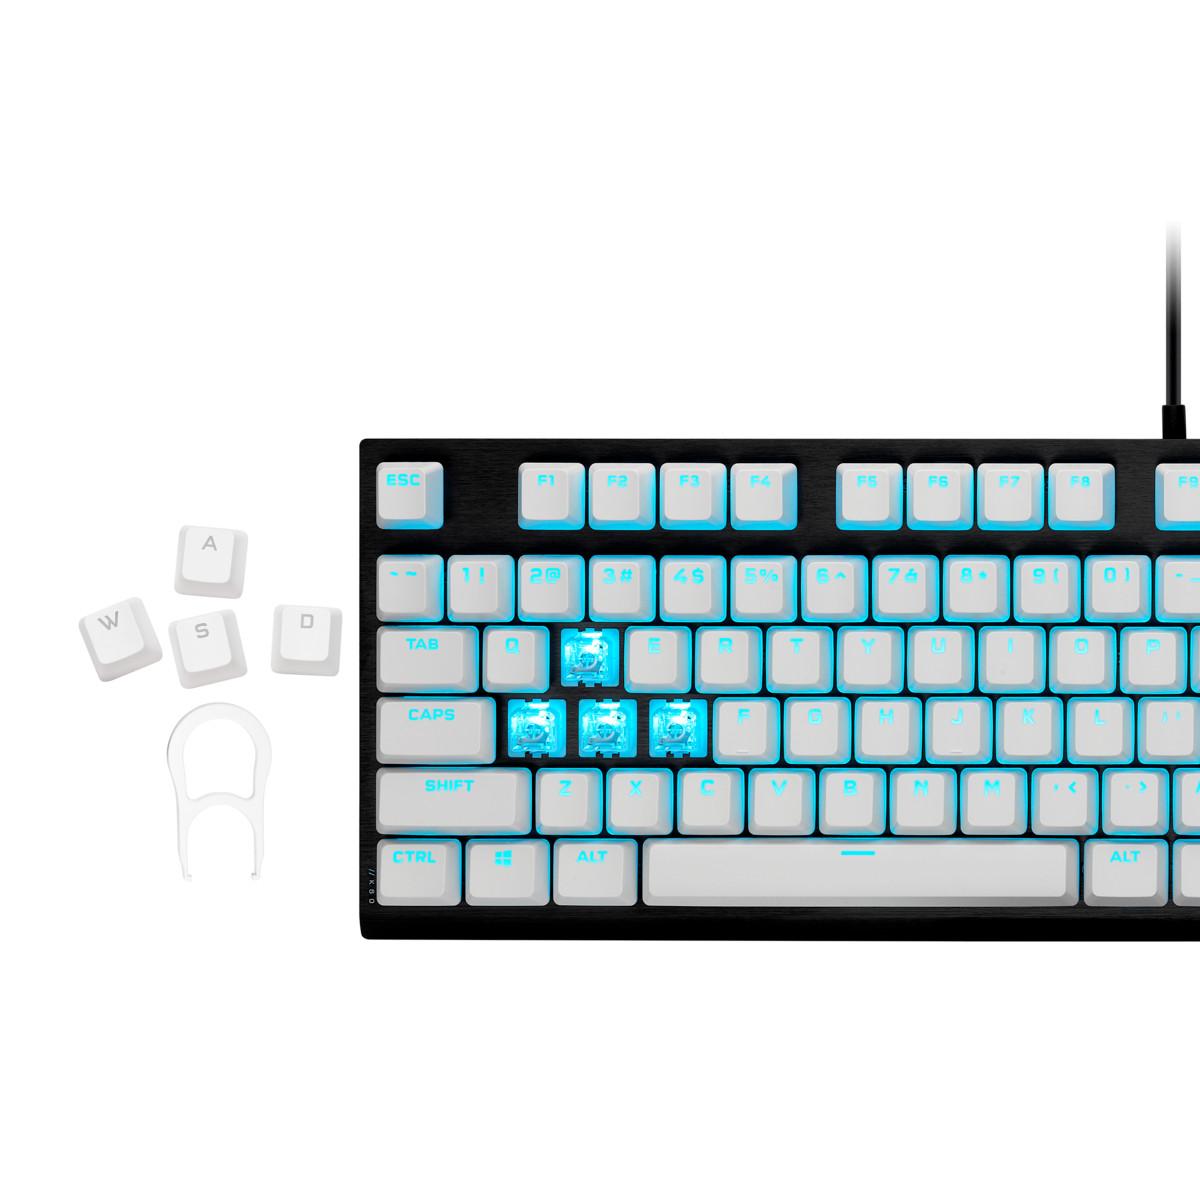 Keycap Corsair PBT Double-Shot PRO Arctis White - Hàng Chính Hãng